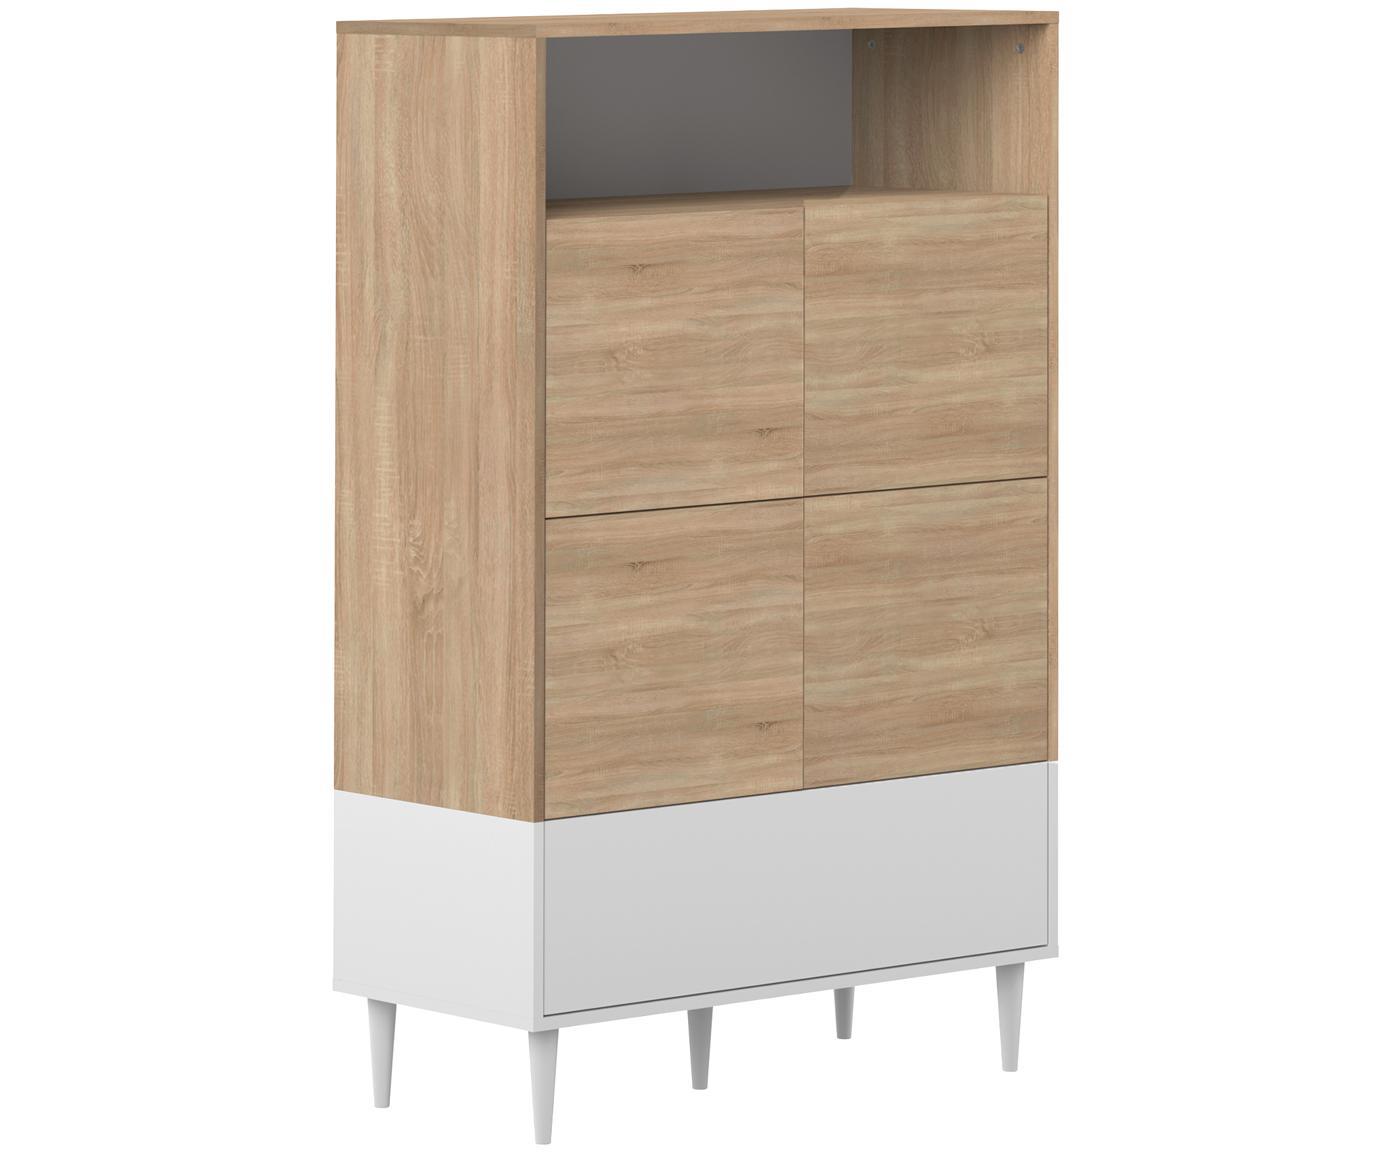 Credenza alta scandi Horizon, Piedini: legno di faggio, massicci, Legno di quercia, bianco, Larg. 90 x Alt. 141 cm